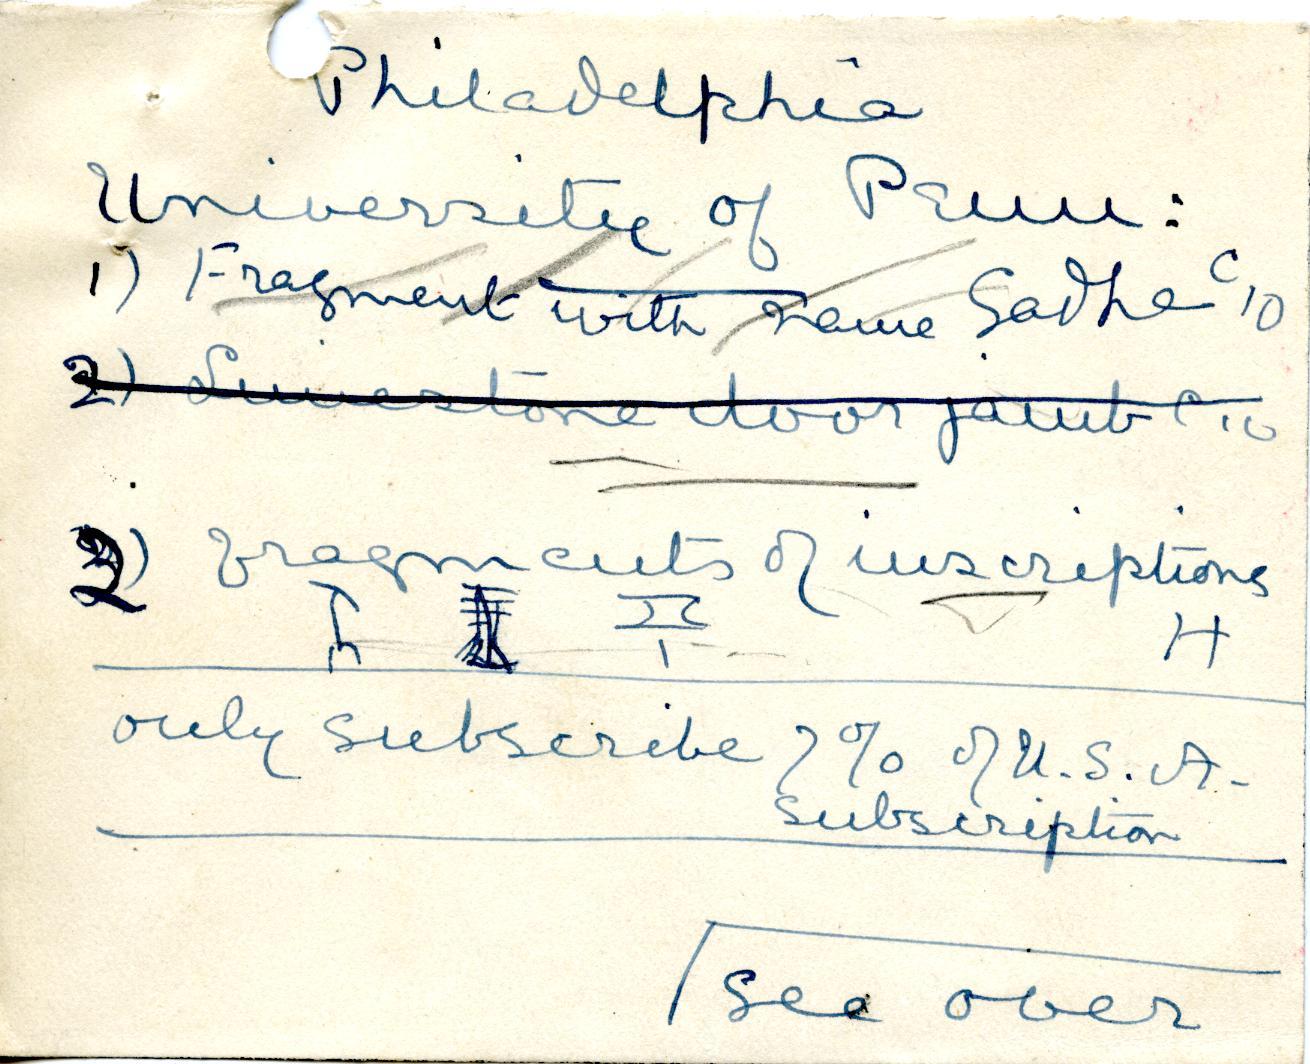 1906-07 Deir el-Bahri, Oxyrhynchus, Ihnasya DIST.28.04n